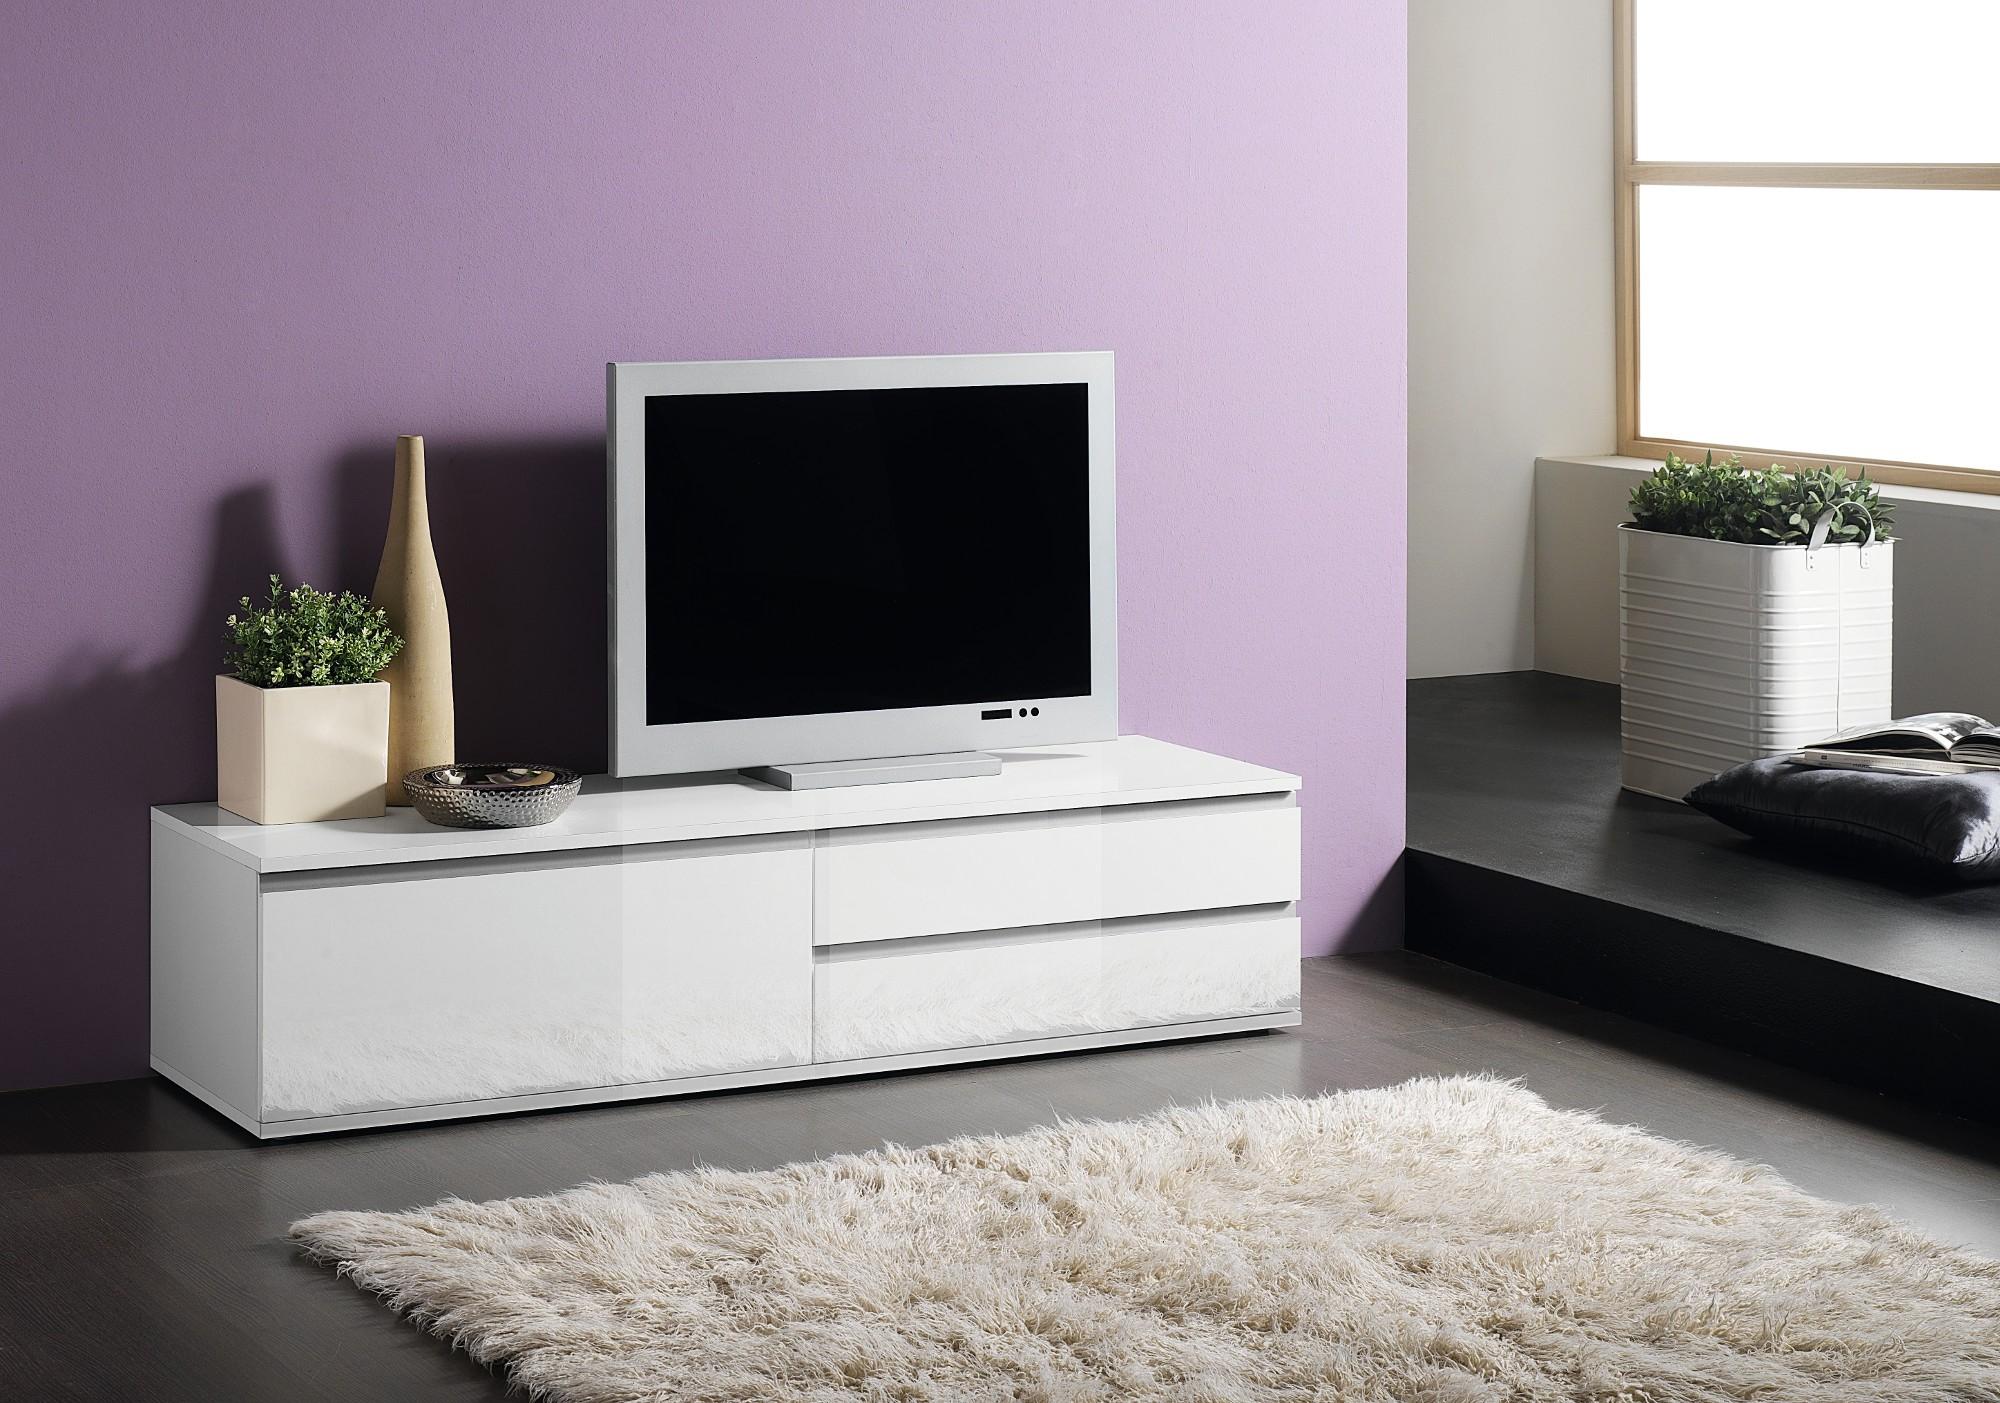 Meuble Tv Auchan Amazing Superbe Frache Meuble Tv Blanc Laque  # Meuble Tv Petit Prix